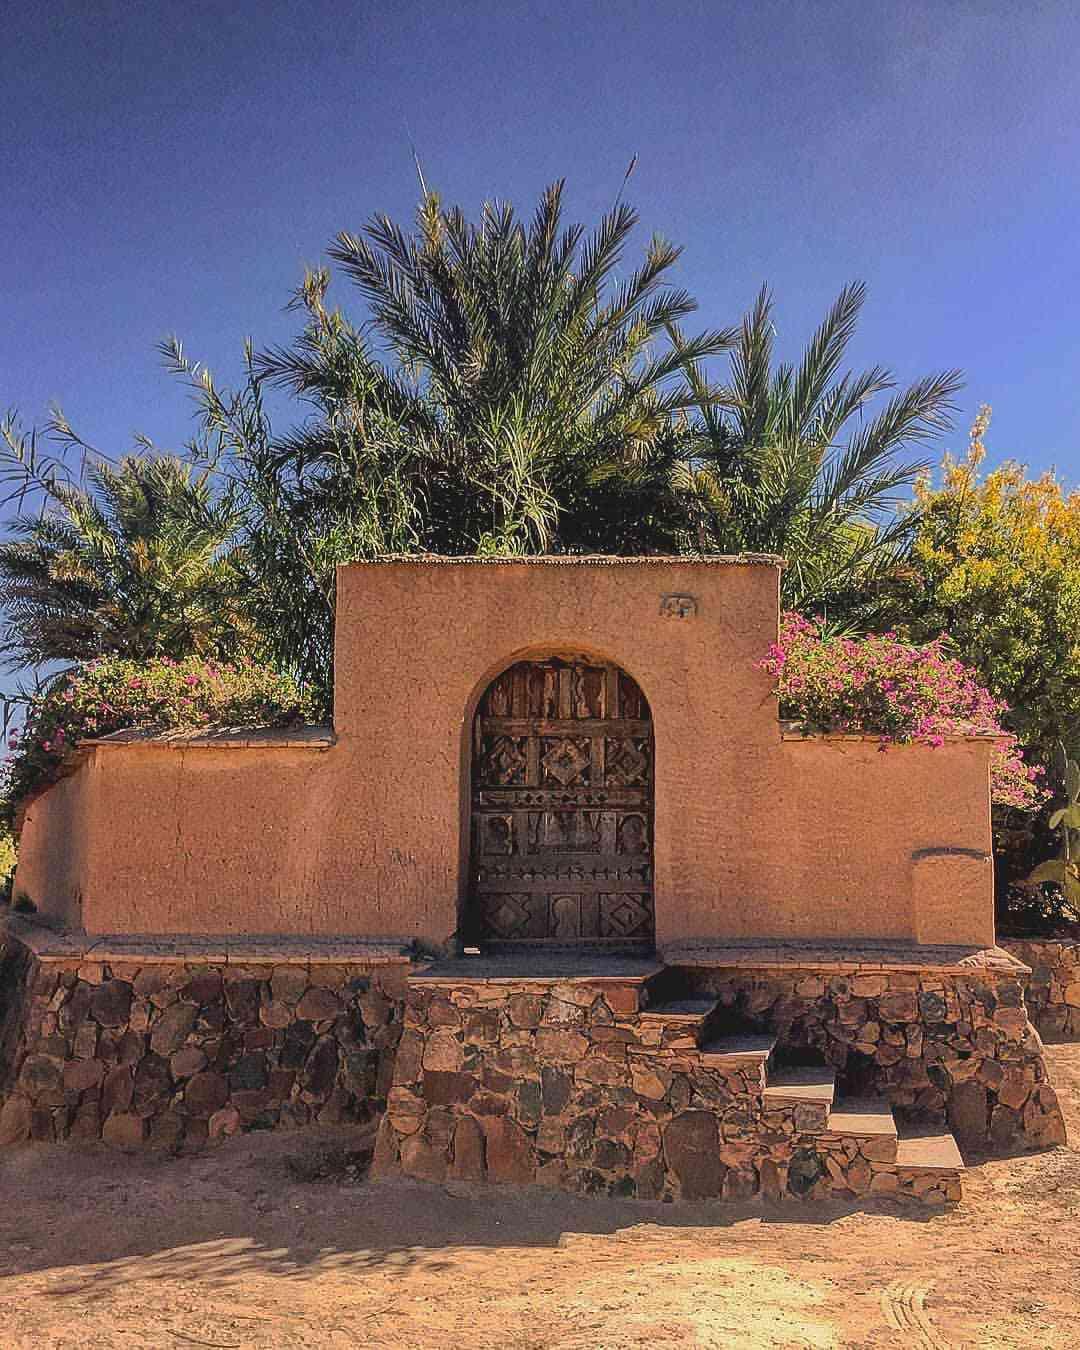 Morocco clay building